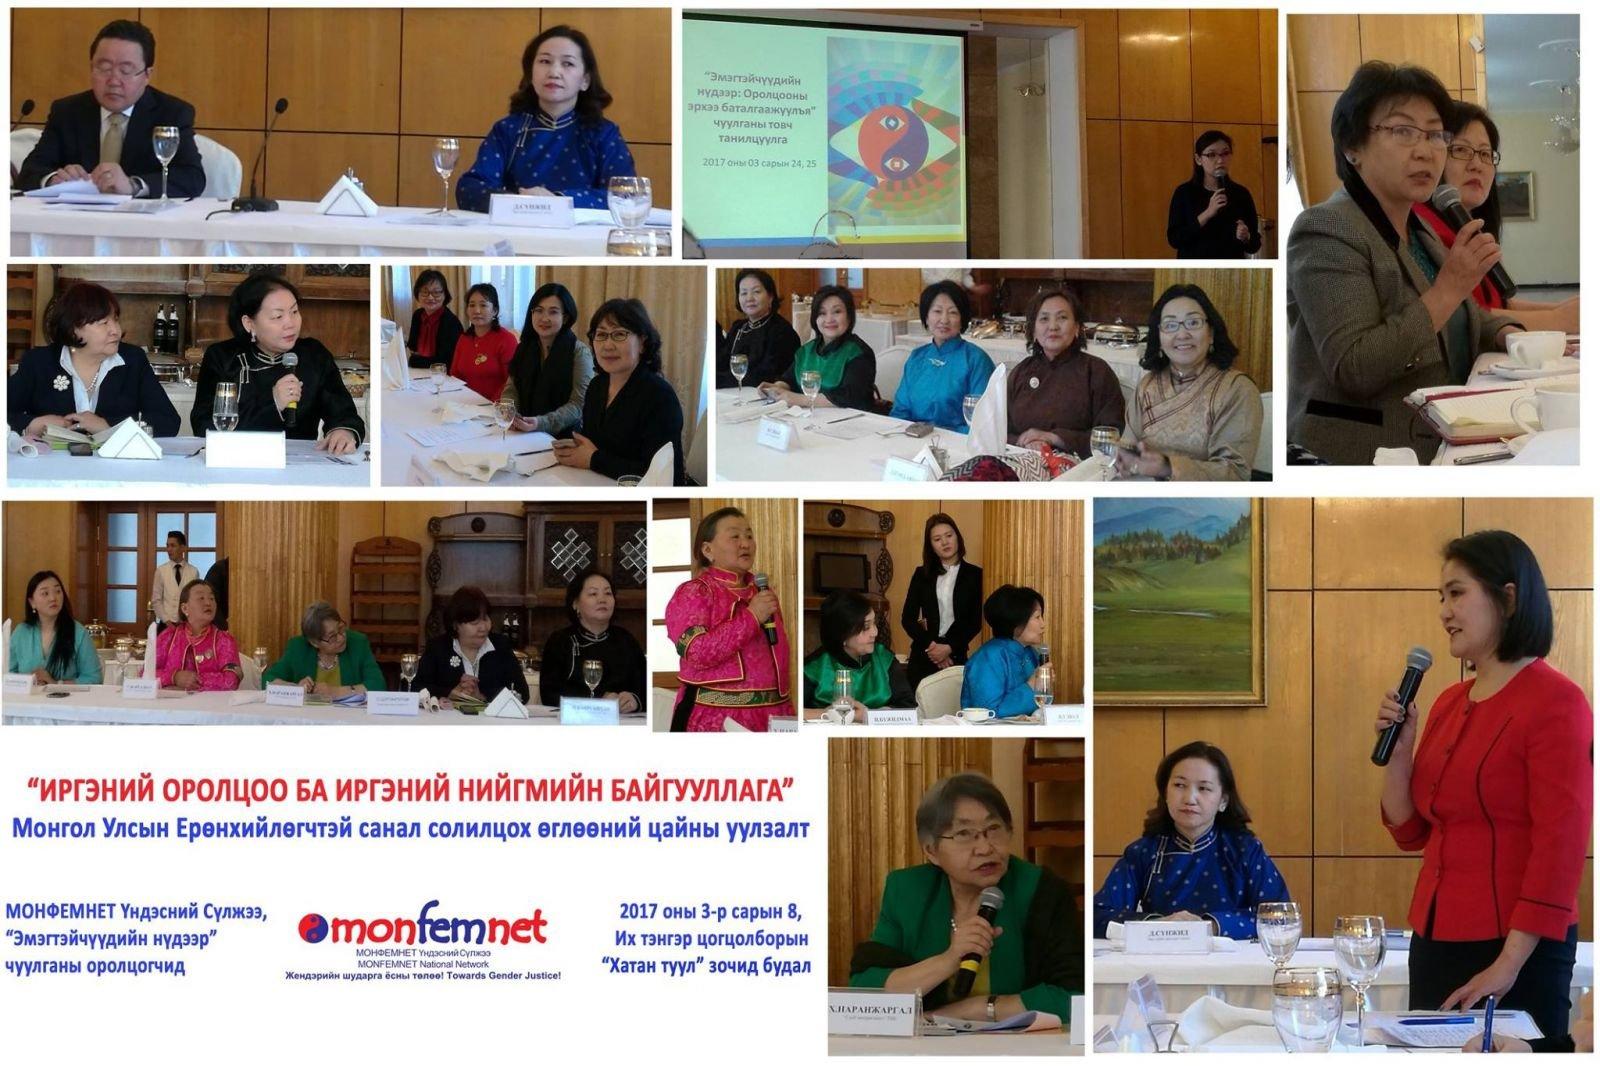 Монгол Улсын Ерөнхийлөгчтэй өглөөний цайн уулзалт хийлээ